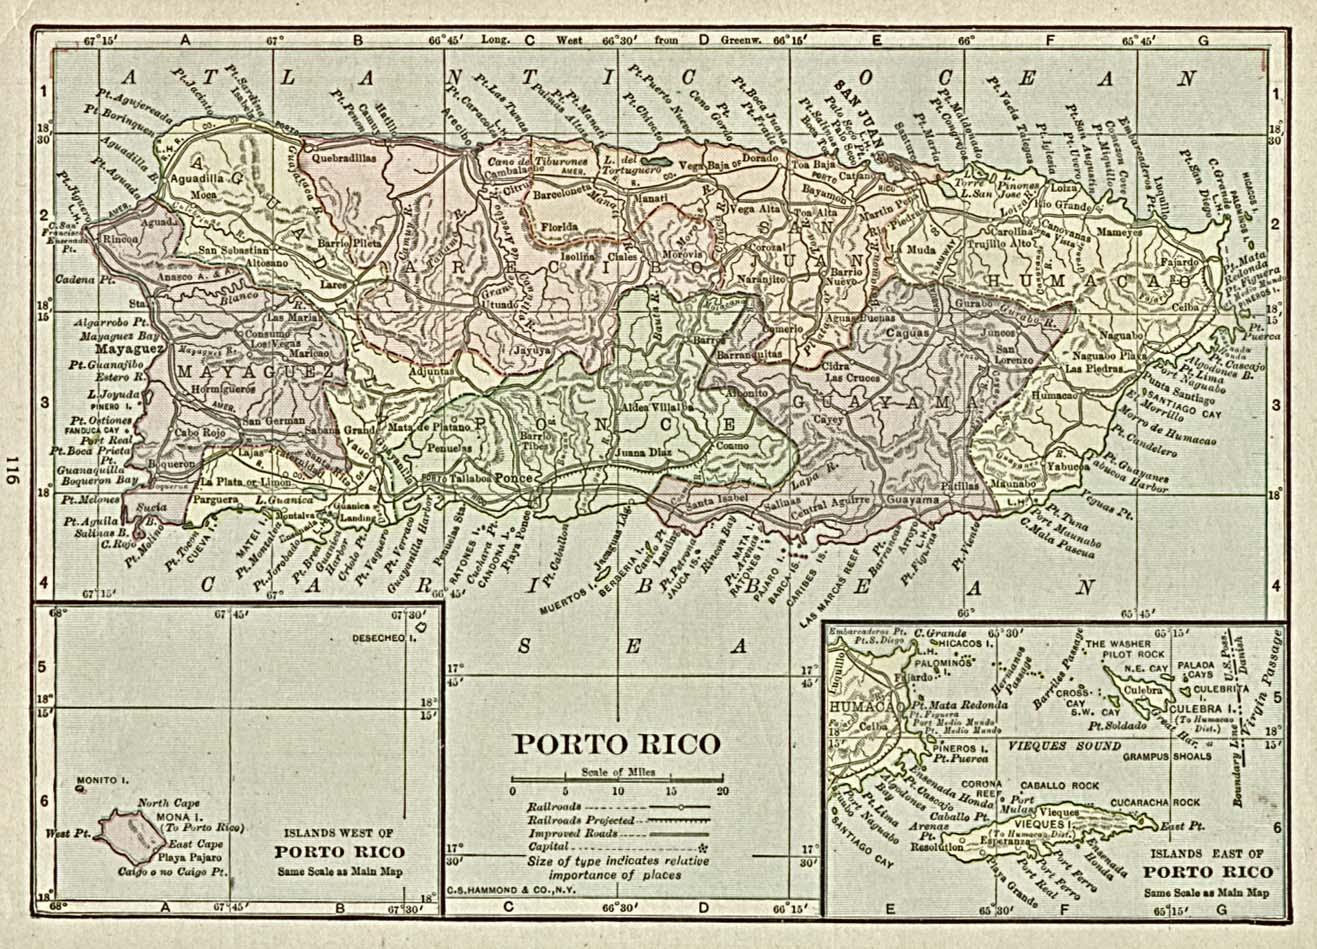 Mapa de Porto (Puerto) Rico, 1920